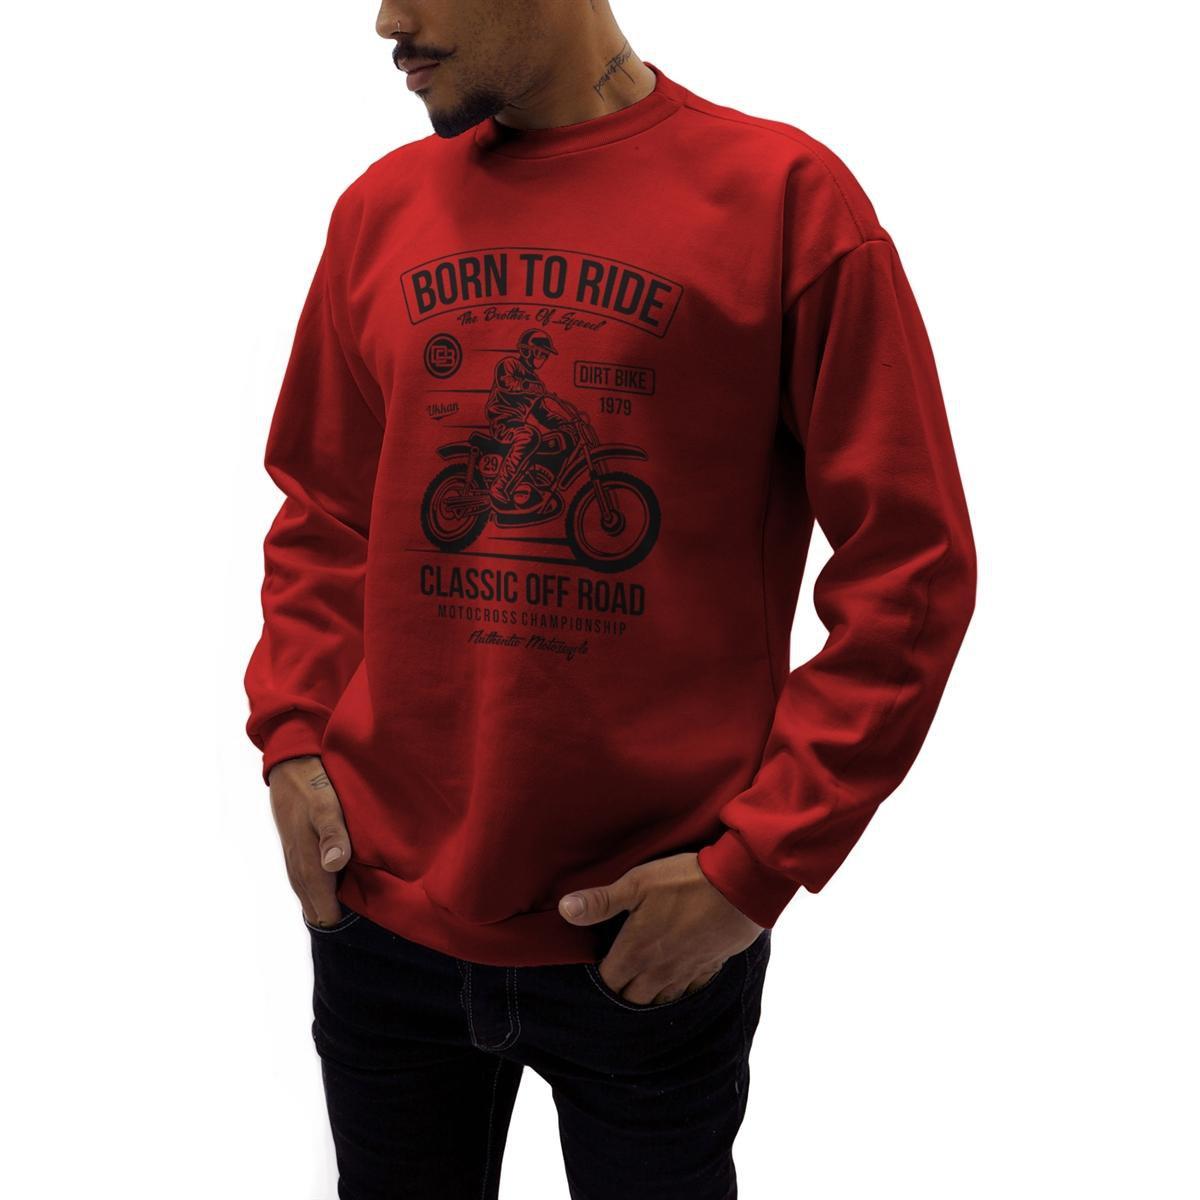 42f57c754 Moletom Crew Neck Ukkan Born To Ride Masculino - Vermelho - Compre Agora